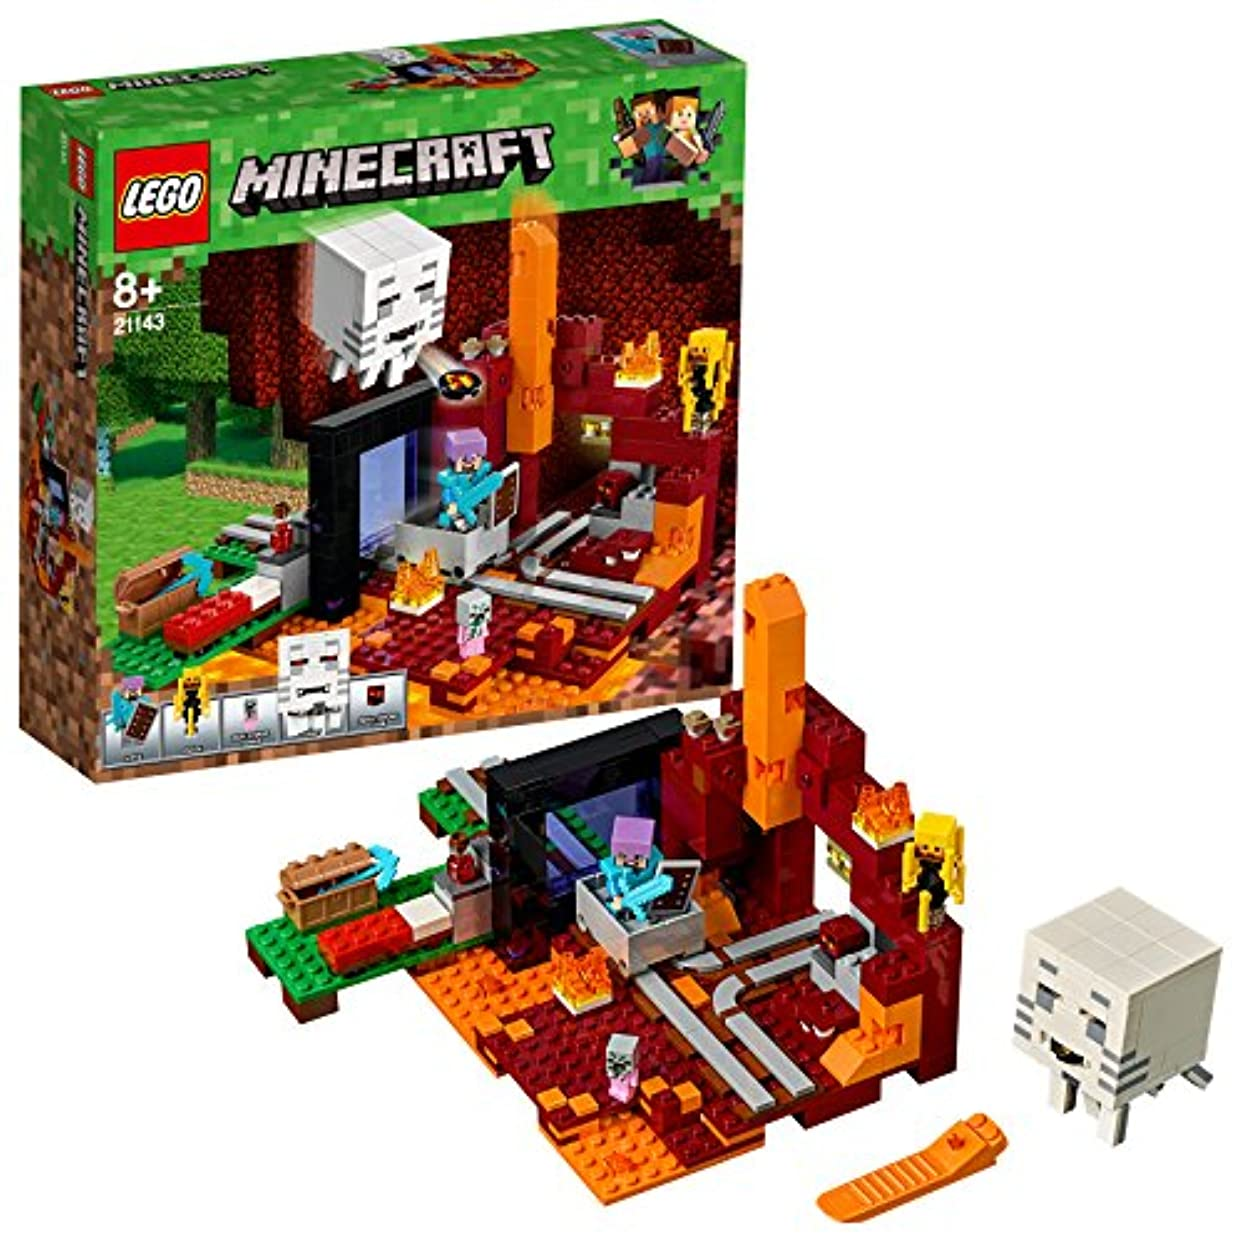 対抗連想付与レゴ(LEGO) マインクラフト 闇のポータル 21143